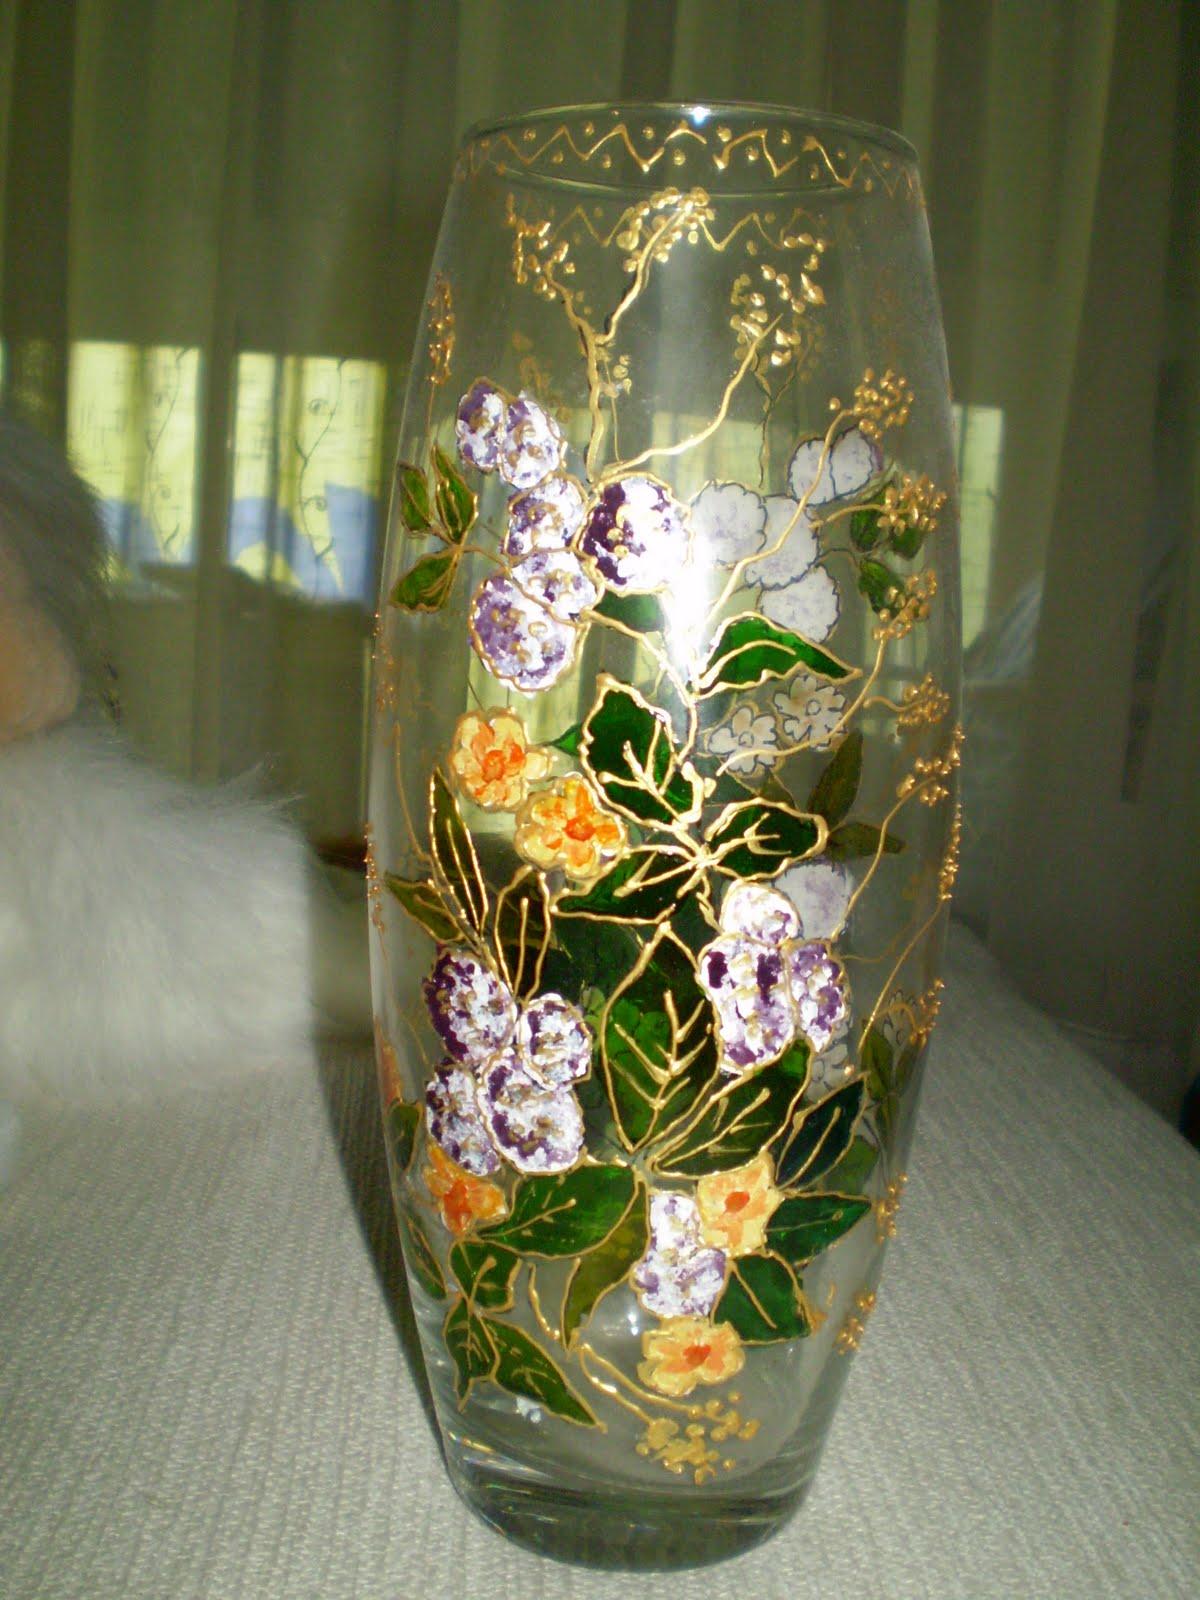 Syb artesan a jarrones de cristal pintados - Jarrones de cristal ...